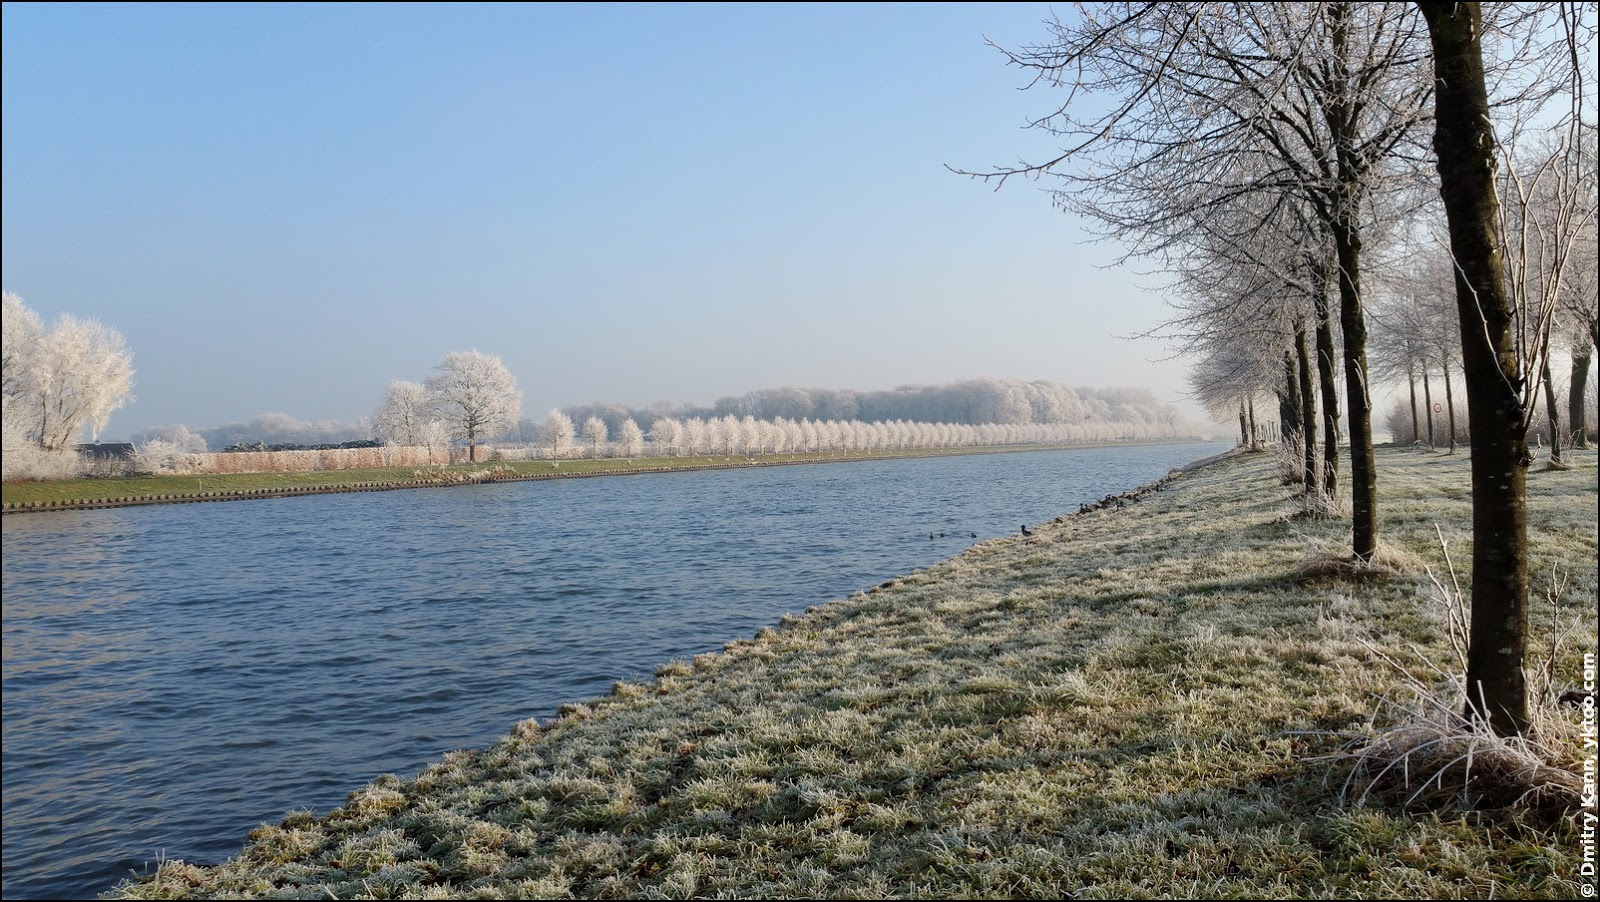 Amsterdam-Rhine Canal.